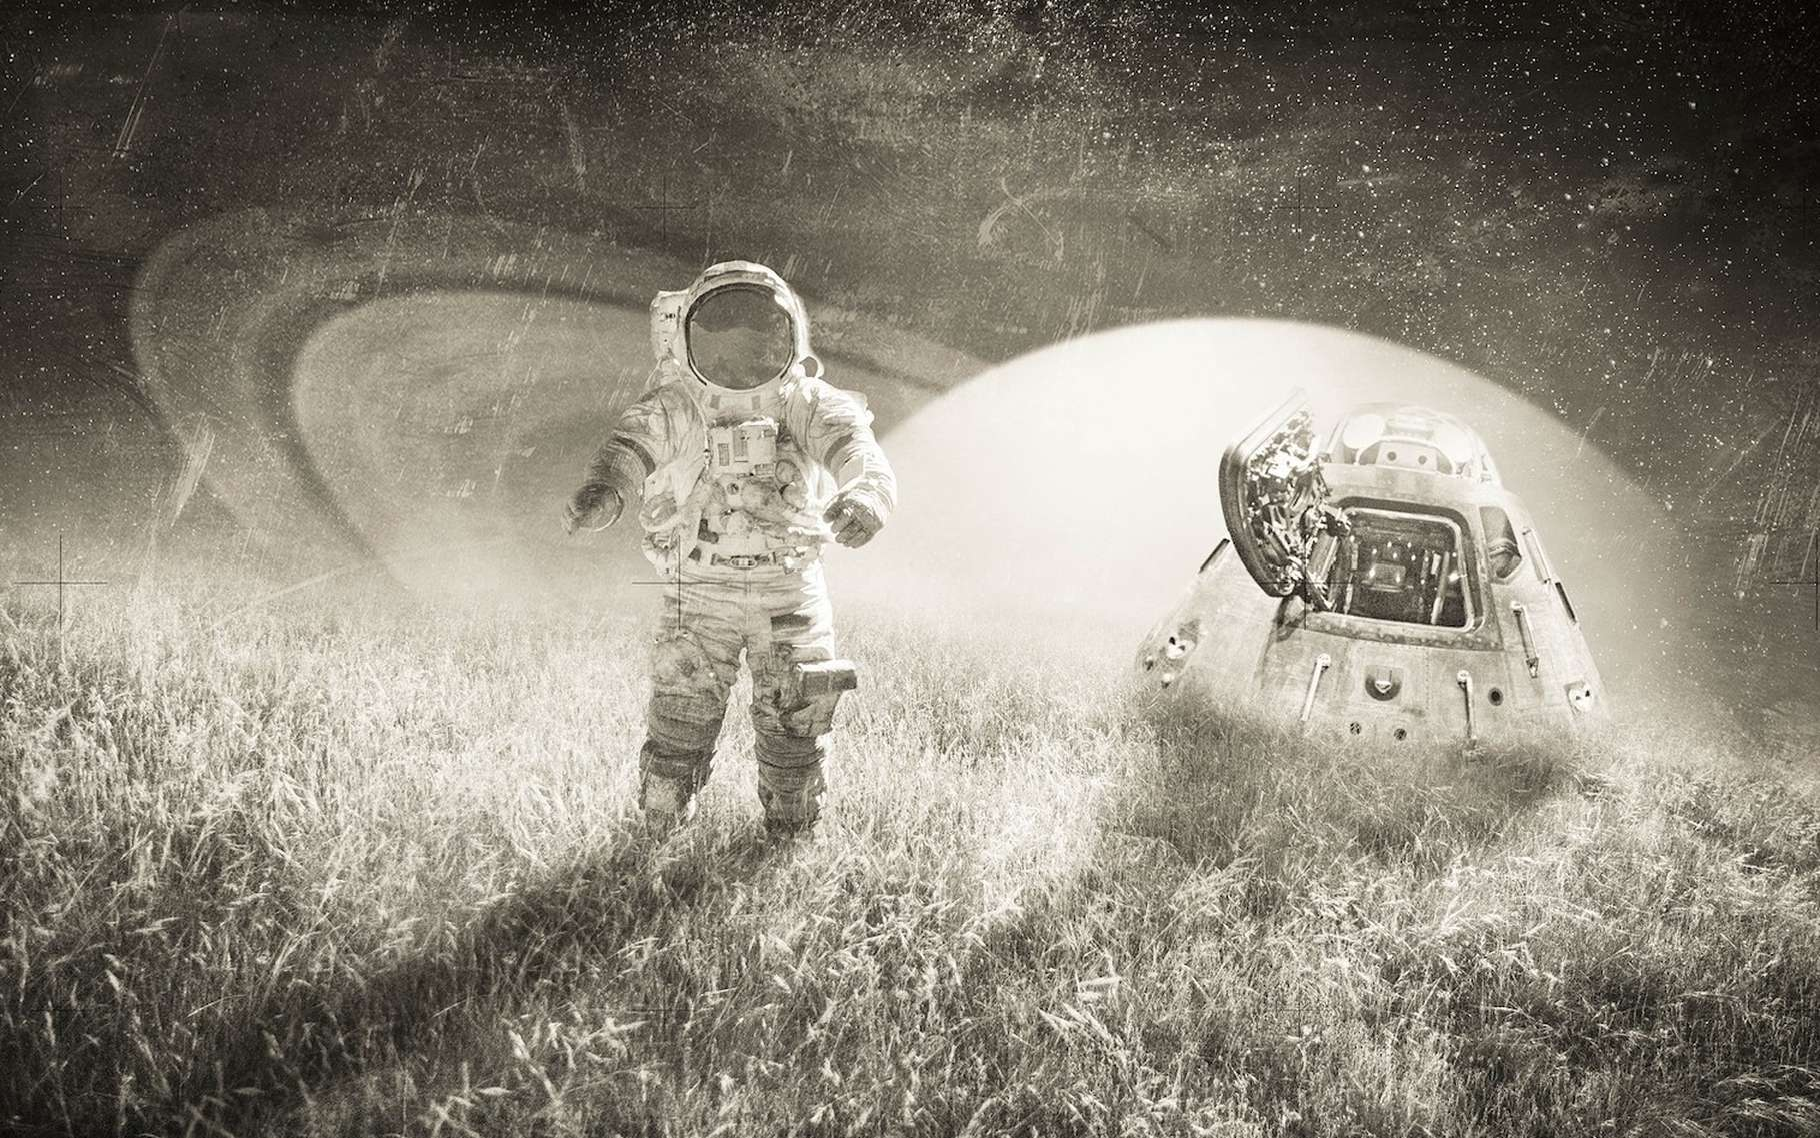 Selon une étude de la Nasa, plus un vol spatial est long, plus les virus dormants des astronautes se réactivent. De quoi poser problème en vue des prochaines missions habitées vers Mars notamment. © Comfreak, Pixabay, CC0 Creative Commons